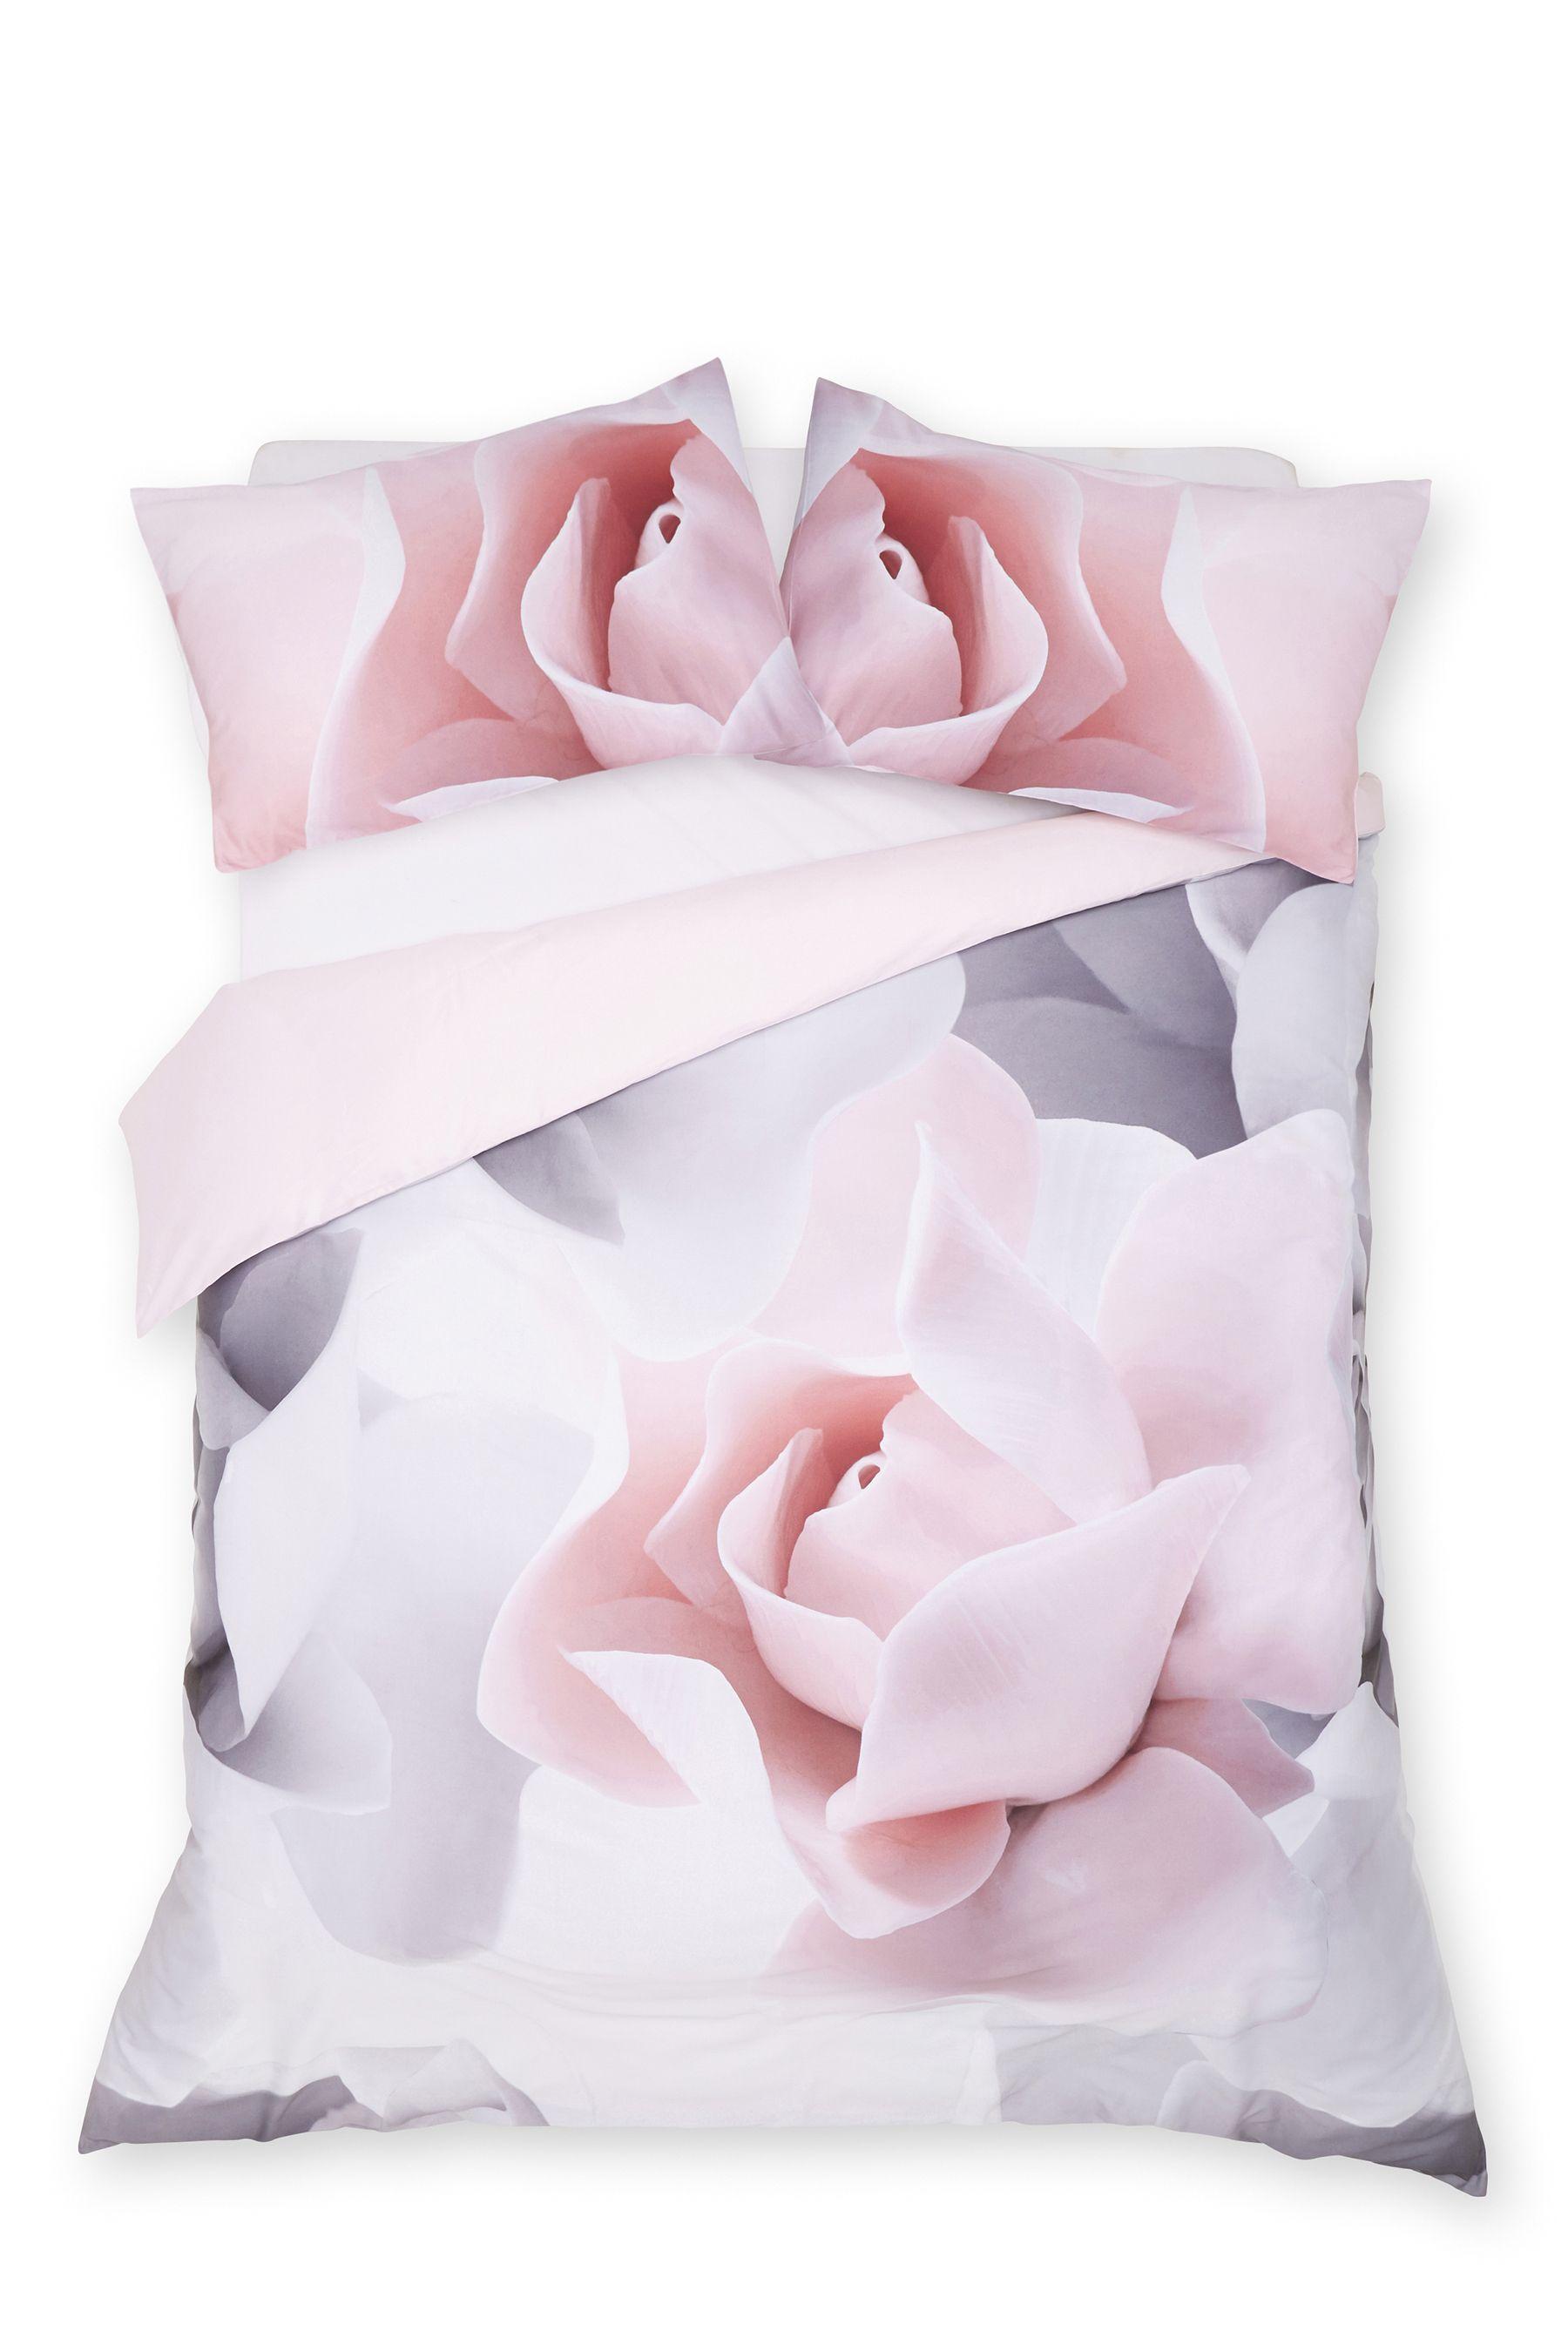 Ted Baker Porcelain Rose Cotton Duvet Cover Rose Duvet Rose